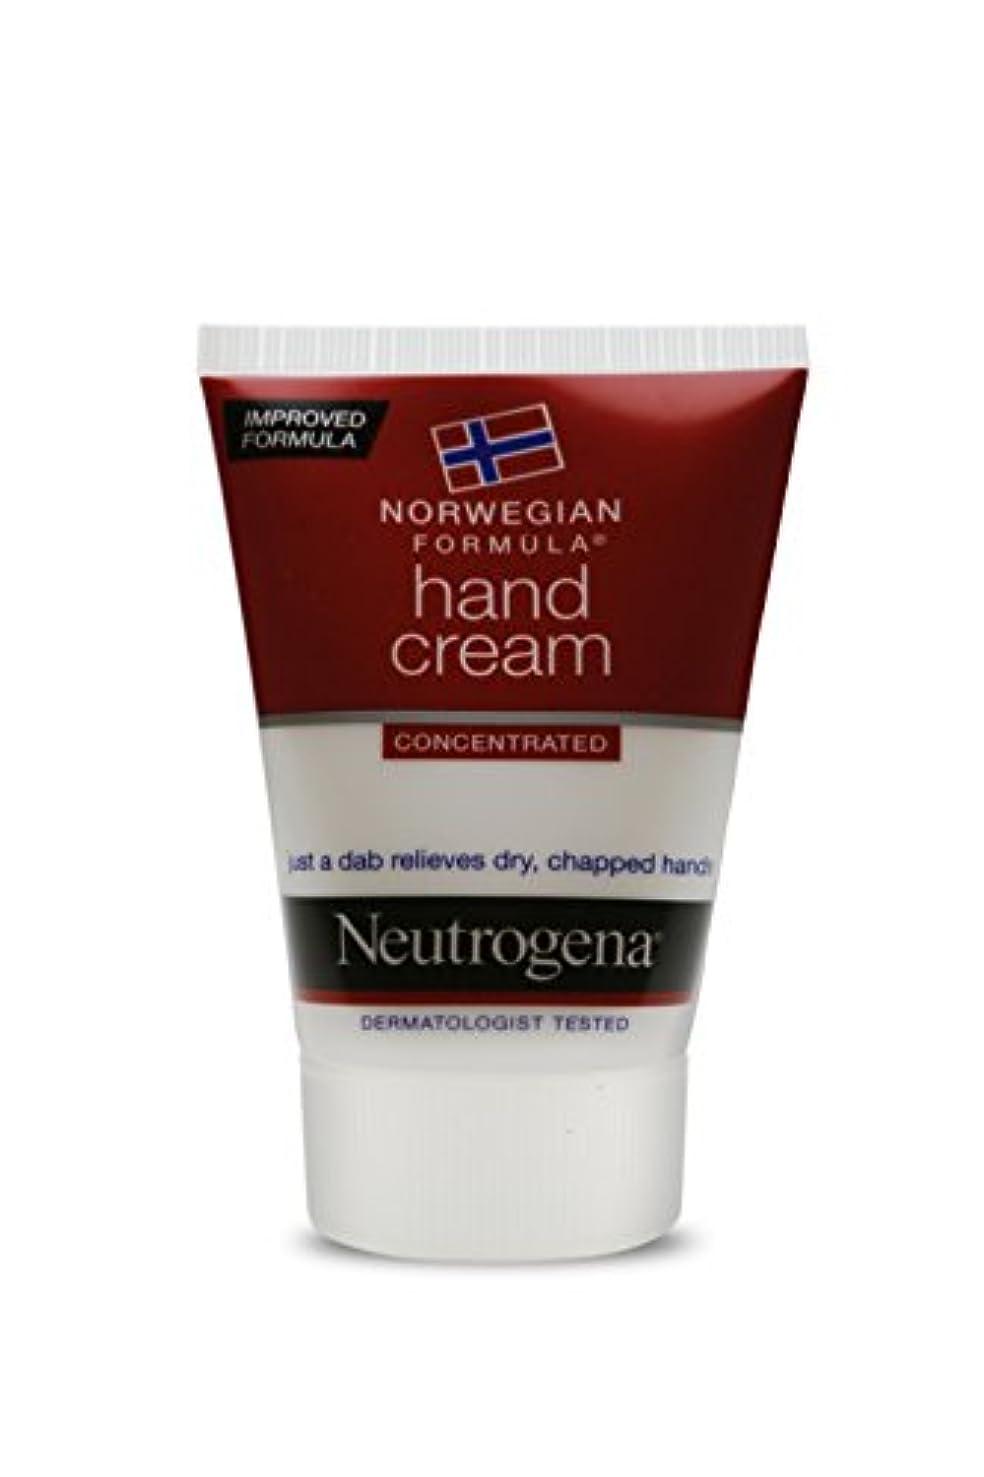 静める日光振る舞いNeutrogena Norwegian Formula Hand Cream, 56g